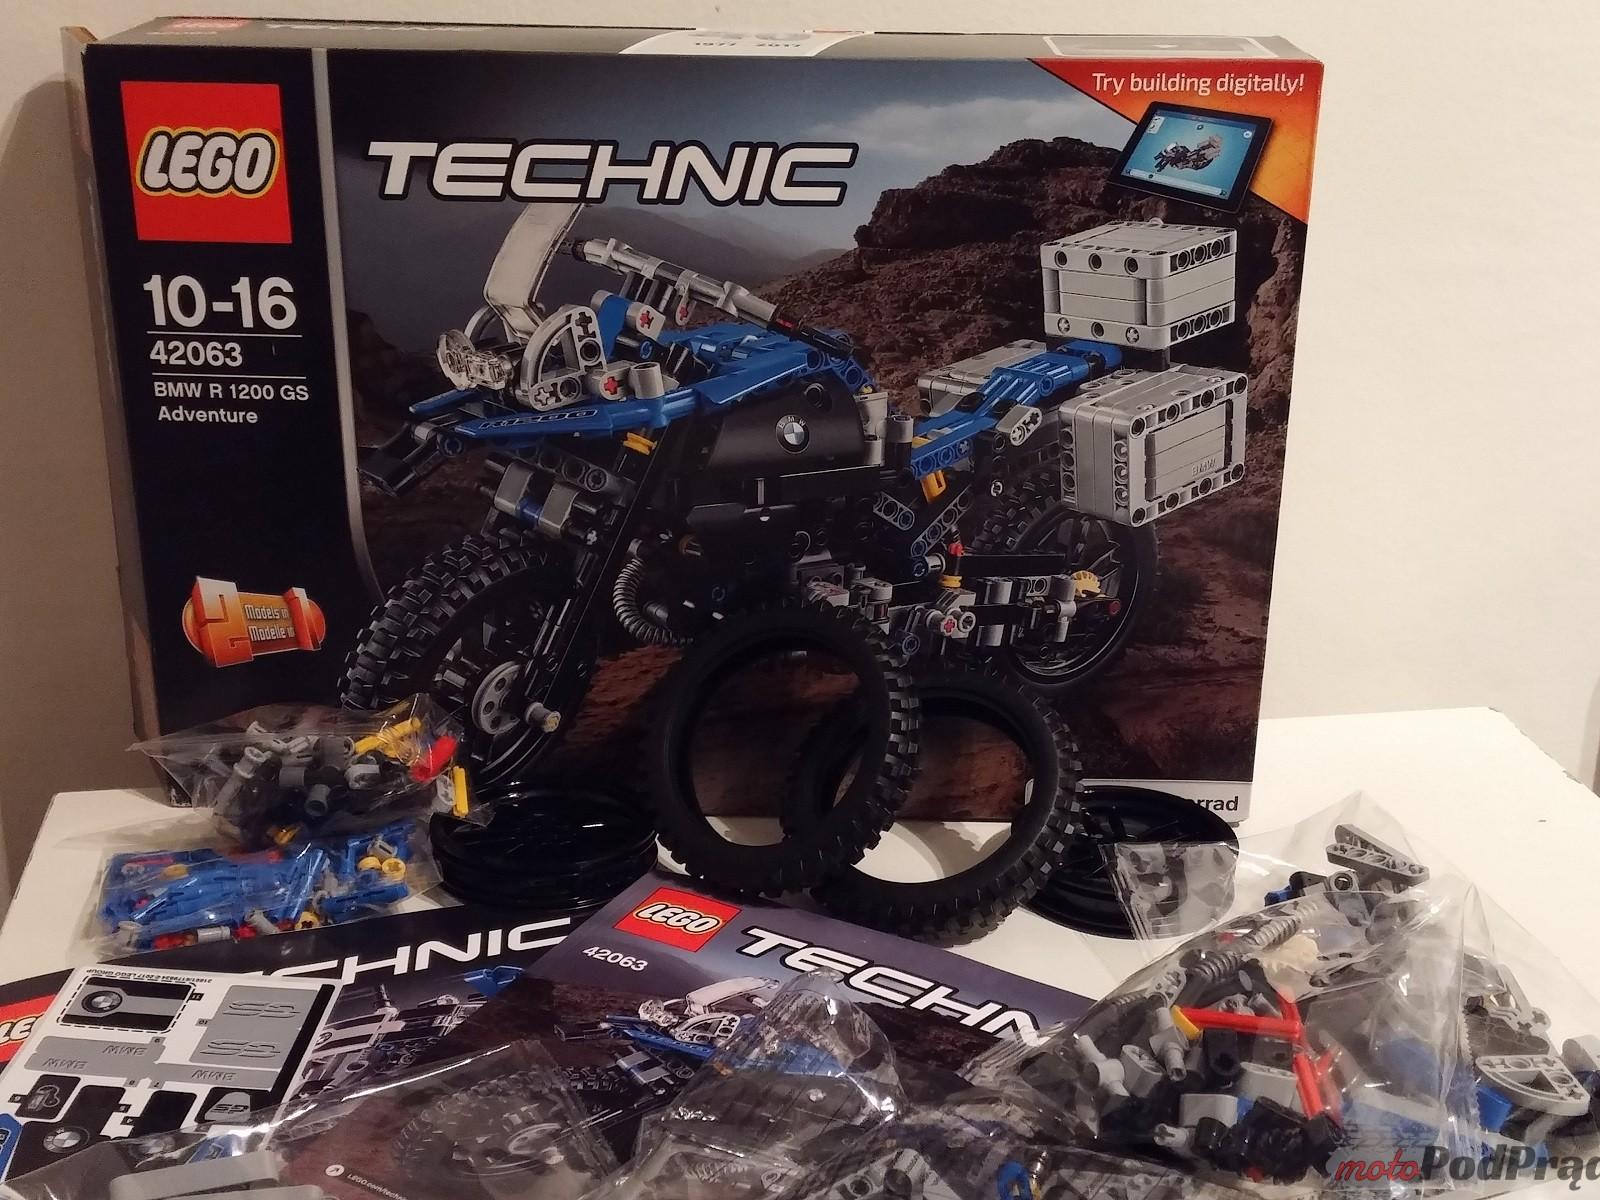 Lego Technic BMW GS 1200 R (5)